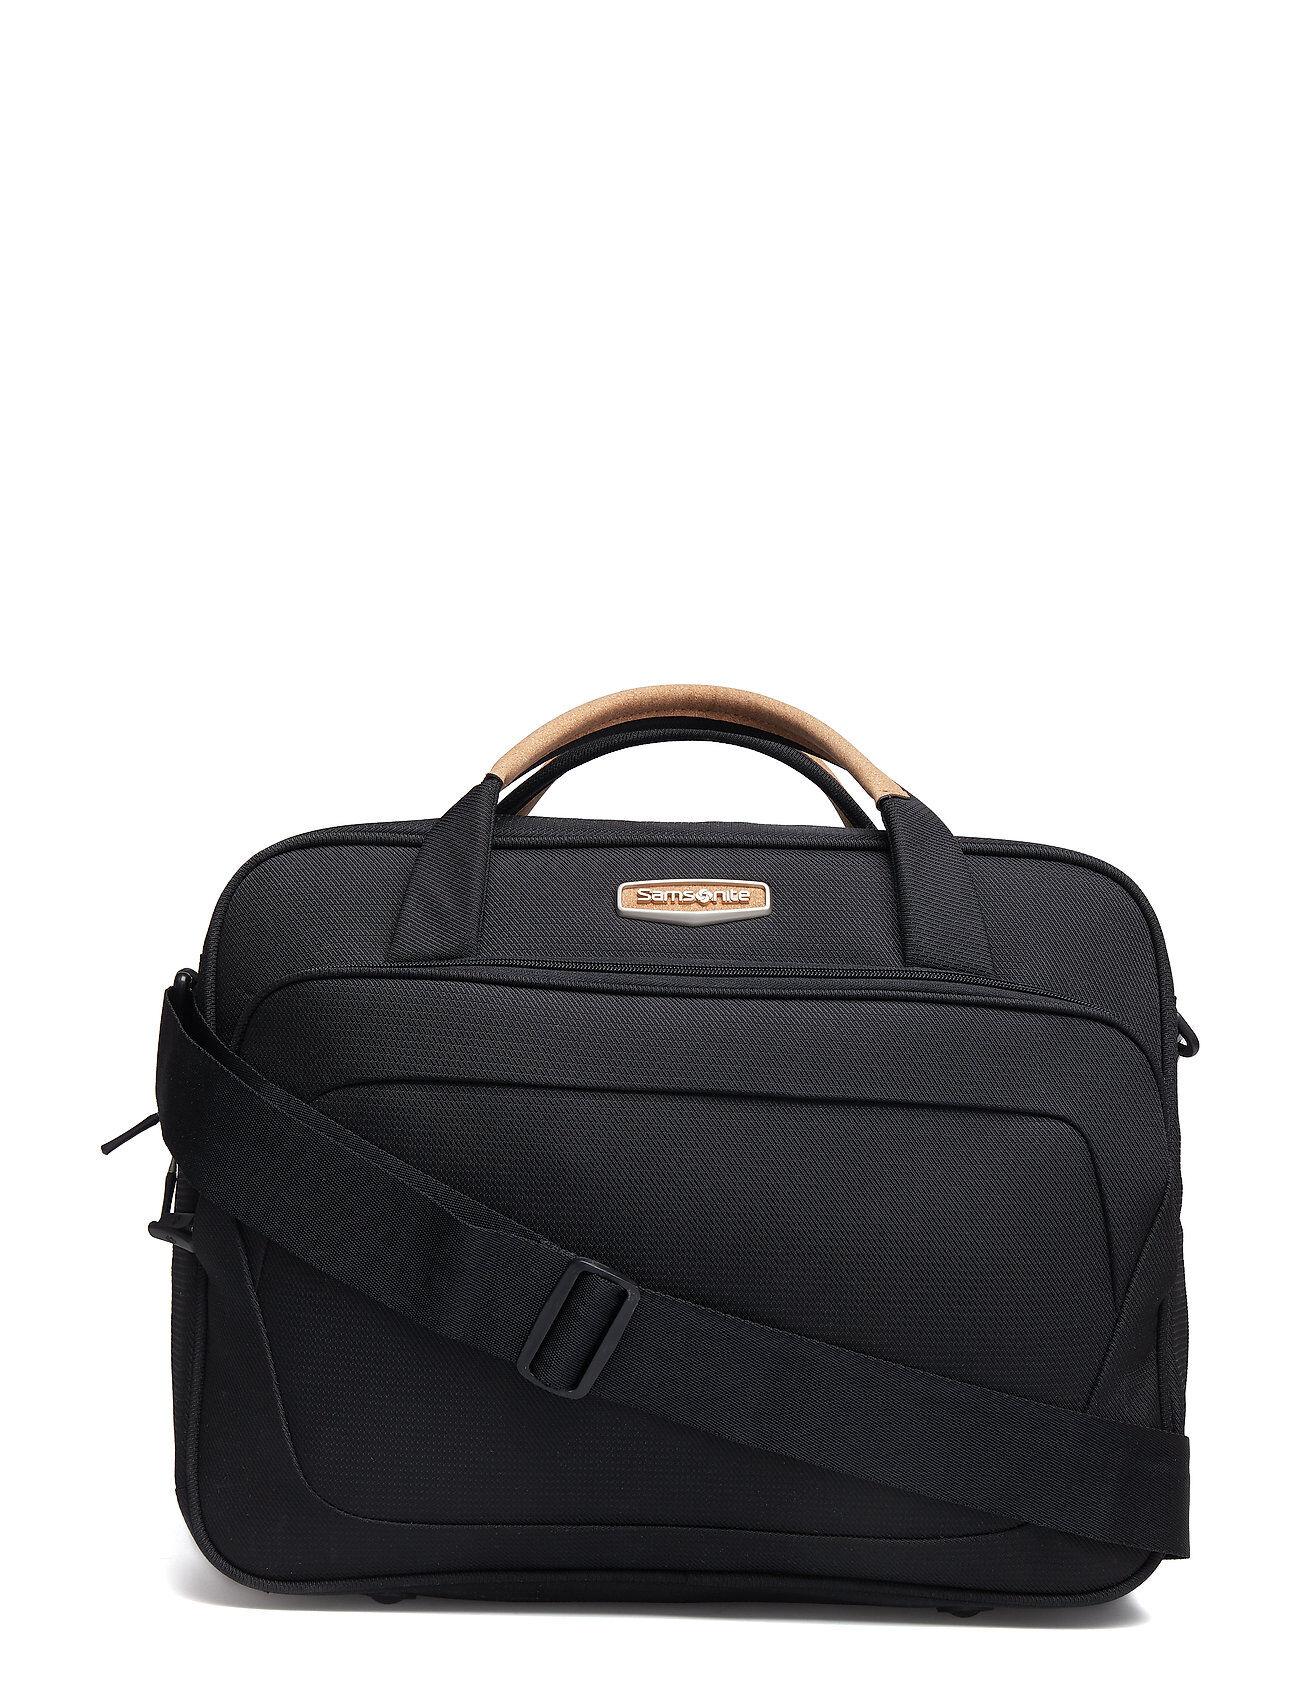 Samsonite Spark Eco Shoulder Bag